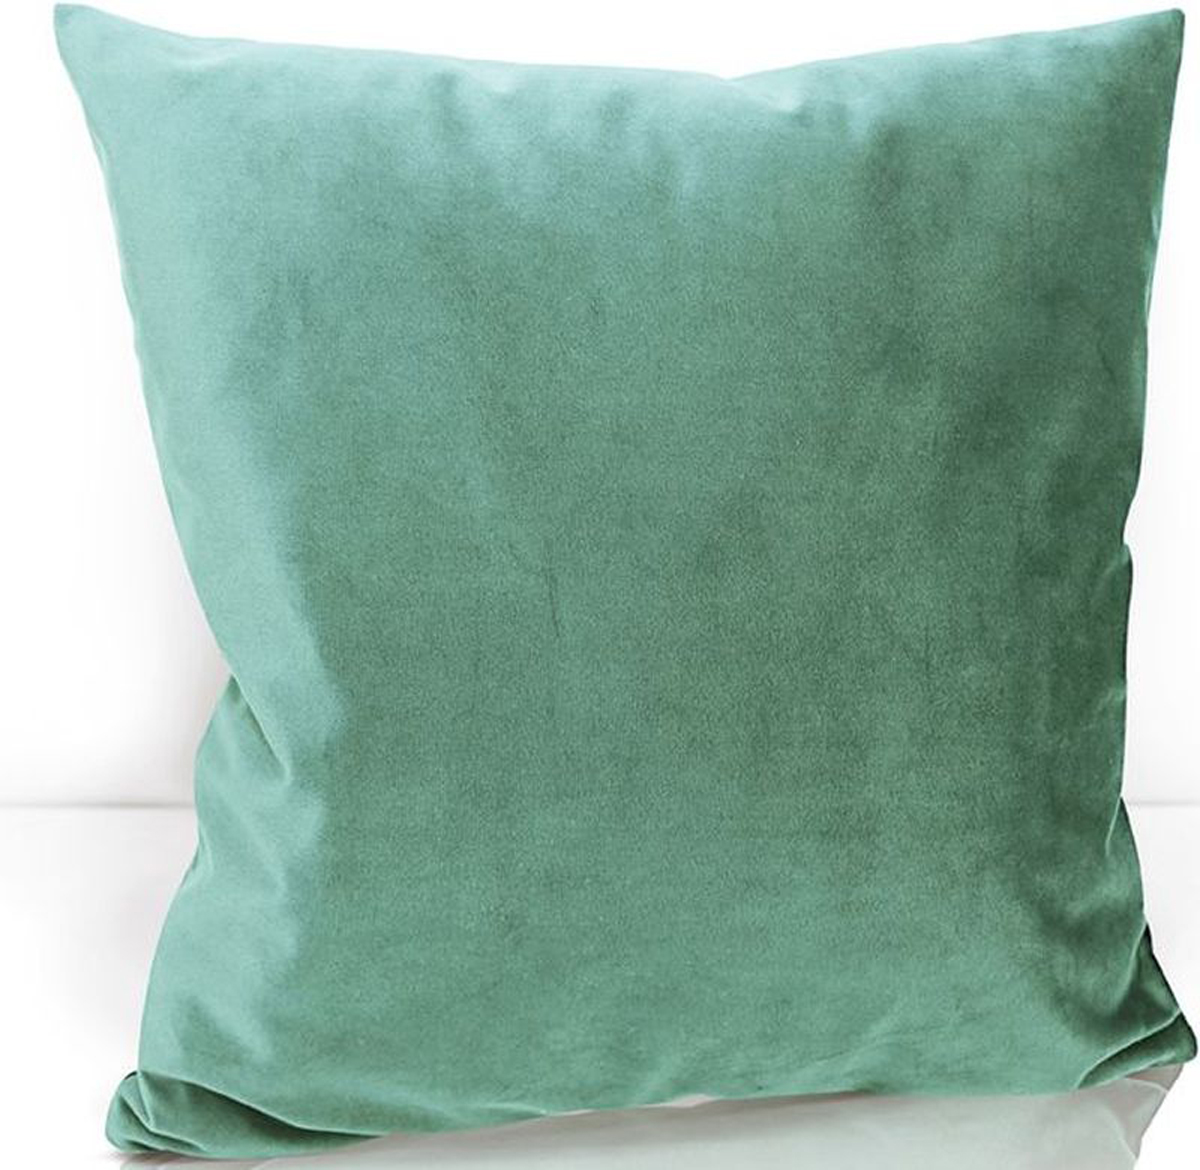 Подушка декоративная KauffOrt Велюр, цвет: голубой, 40 х 40 см3122202665Декоративная подушка KauffOrt  прекрасно дополнит интерьер спальни или гостиной. Чехолподушки выполнен из велюра (100% полиэстер). Внутри находится мягкий наполнитель.Чехол легко снимаетсяблагодаря потайной молнии.